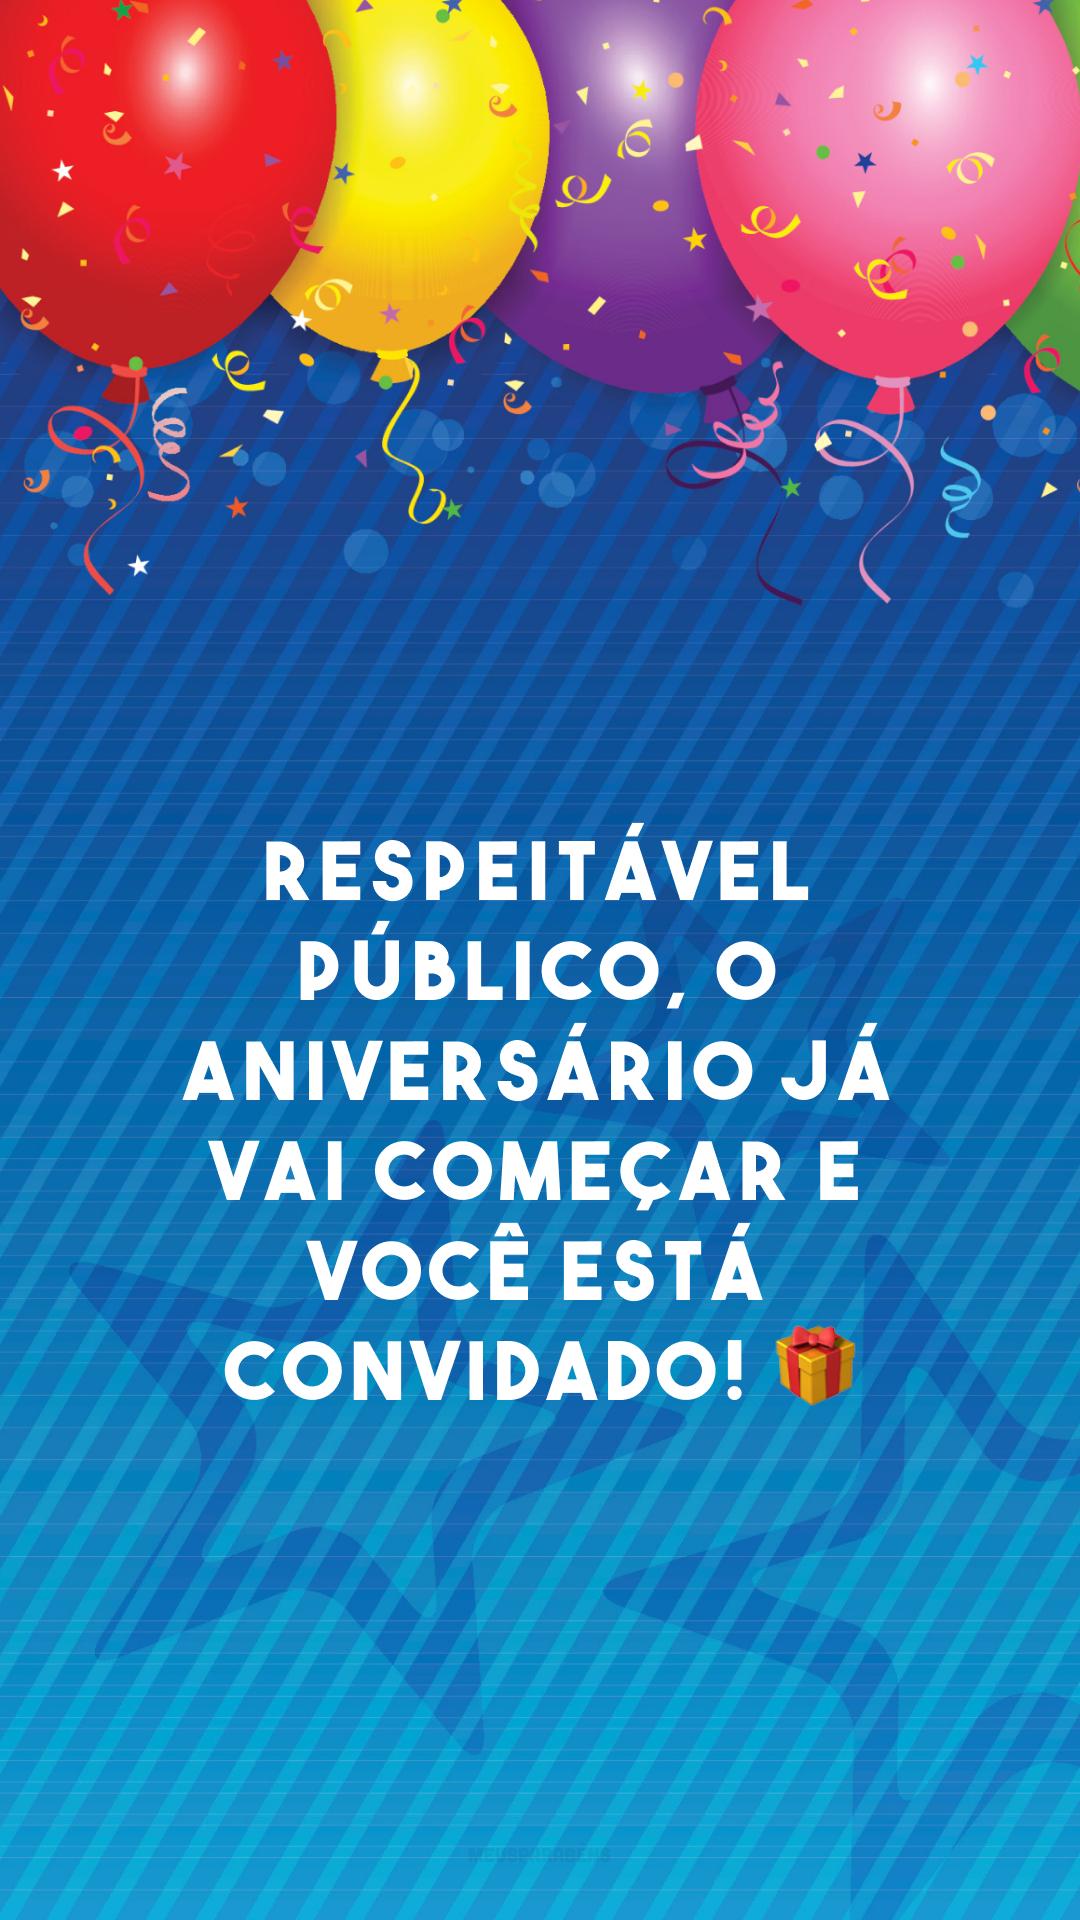 Respeitável público, o aniversário já vai começar e você está convidado! 🎁